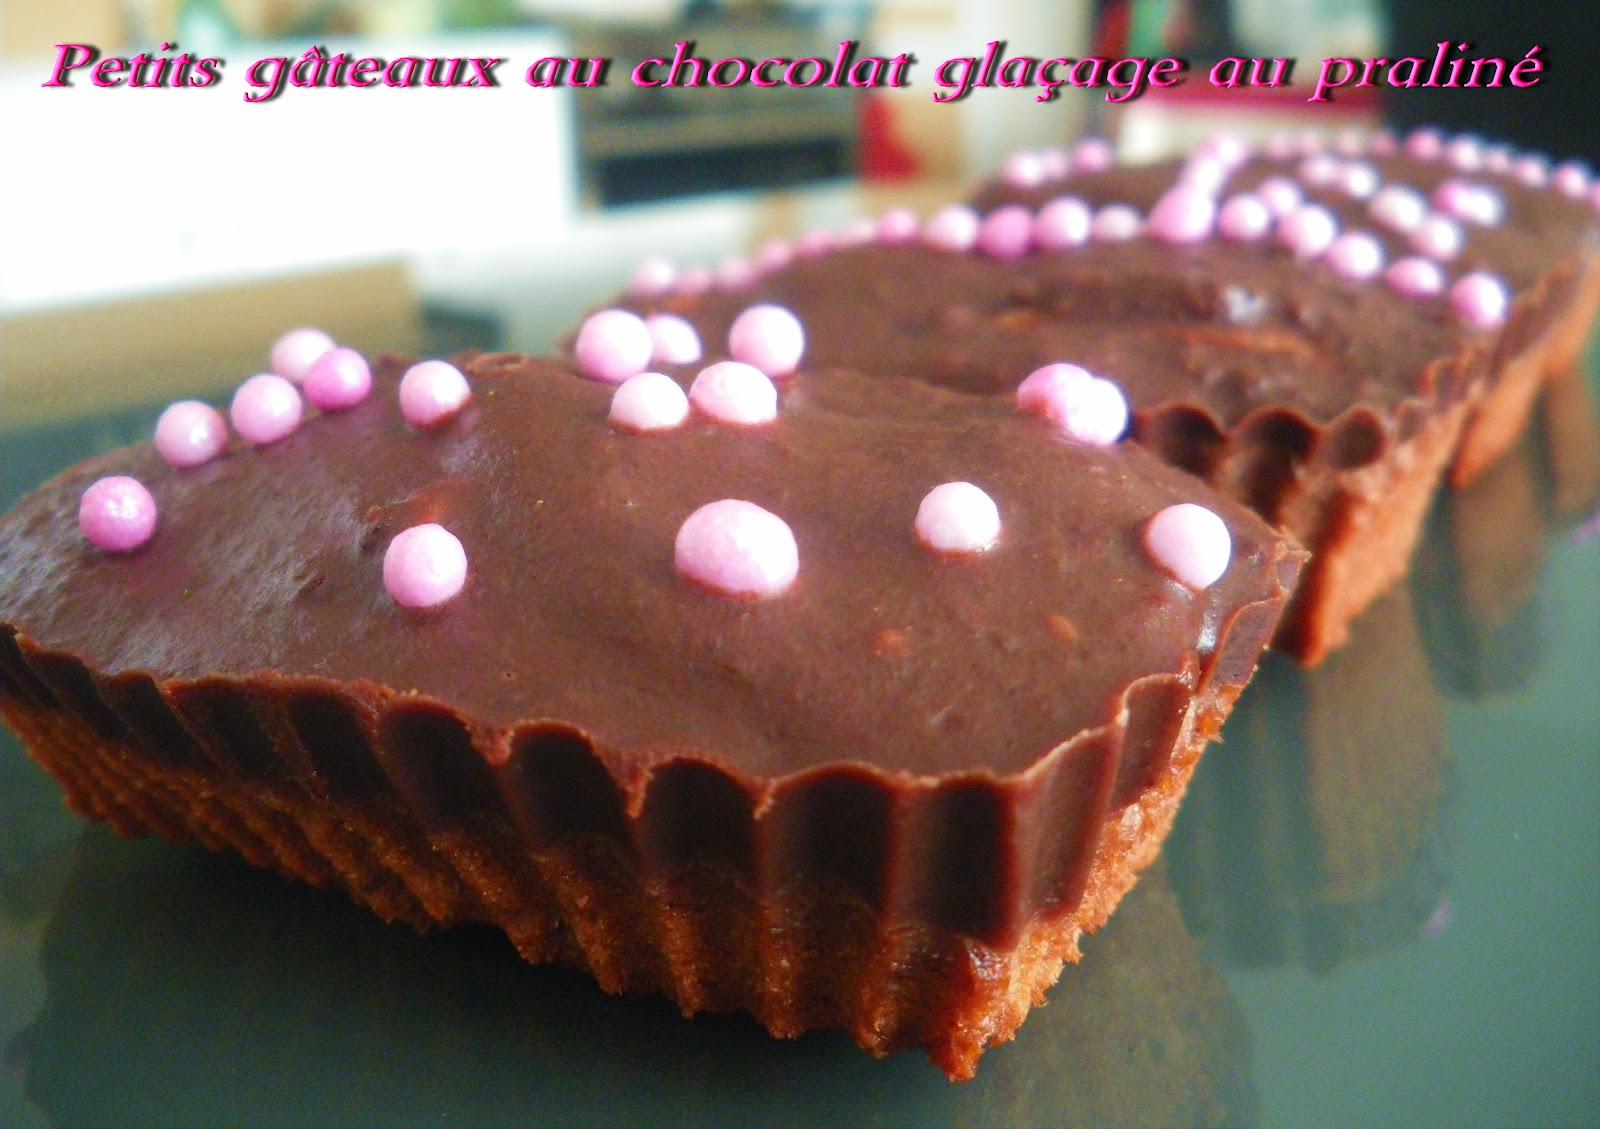 Gateau chocolat amande glacage